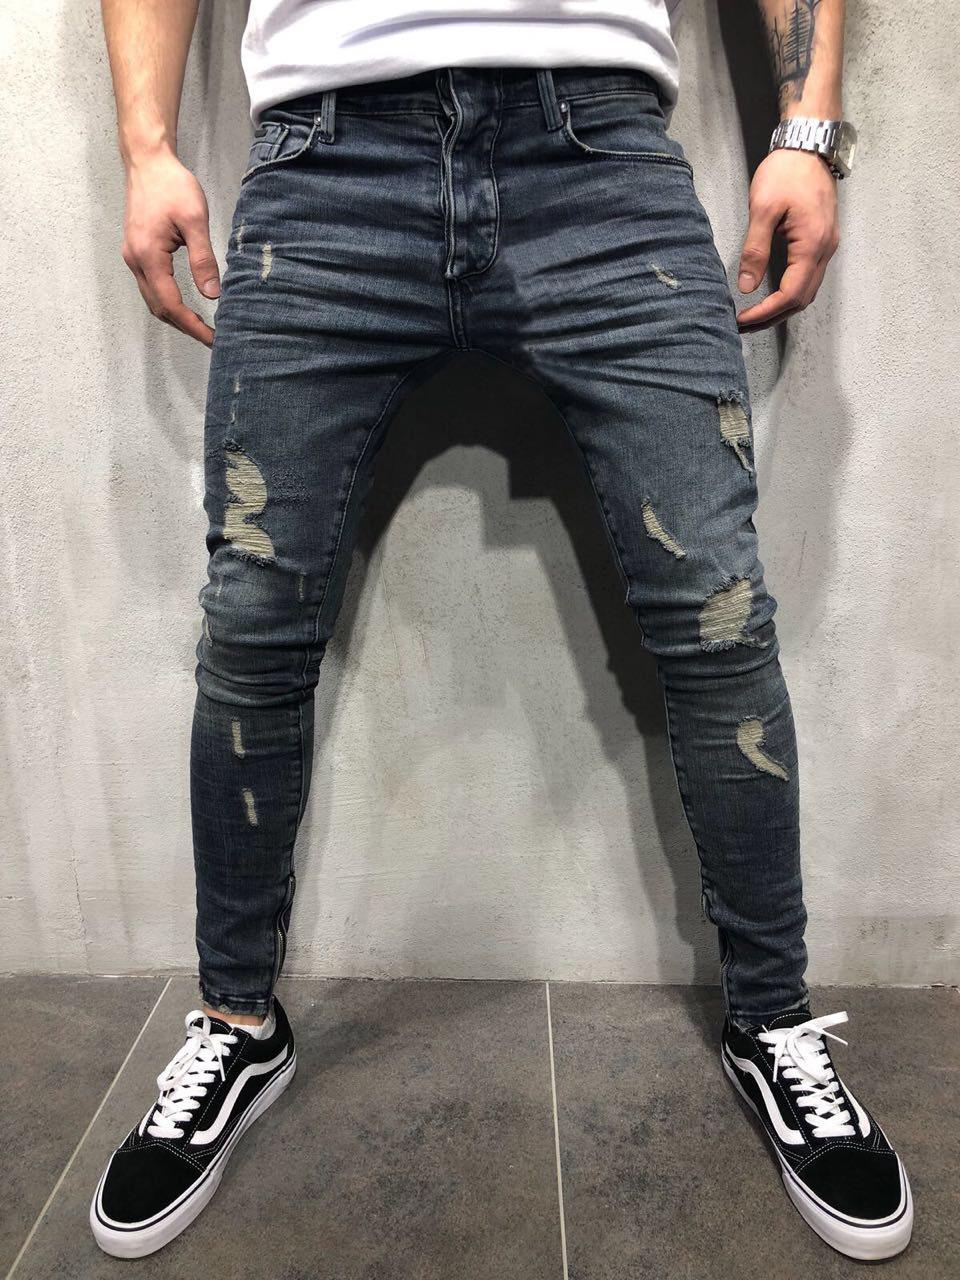 Moda Uomo Orologi da matita jeans skinny strappato Destroyed stirata dei pantaloni slim fit Streetwear Con Fori